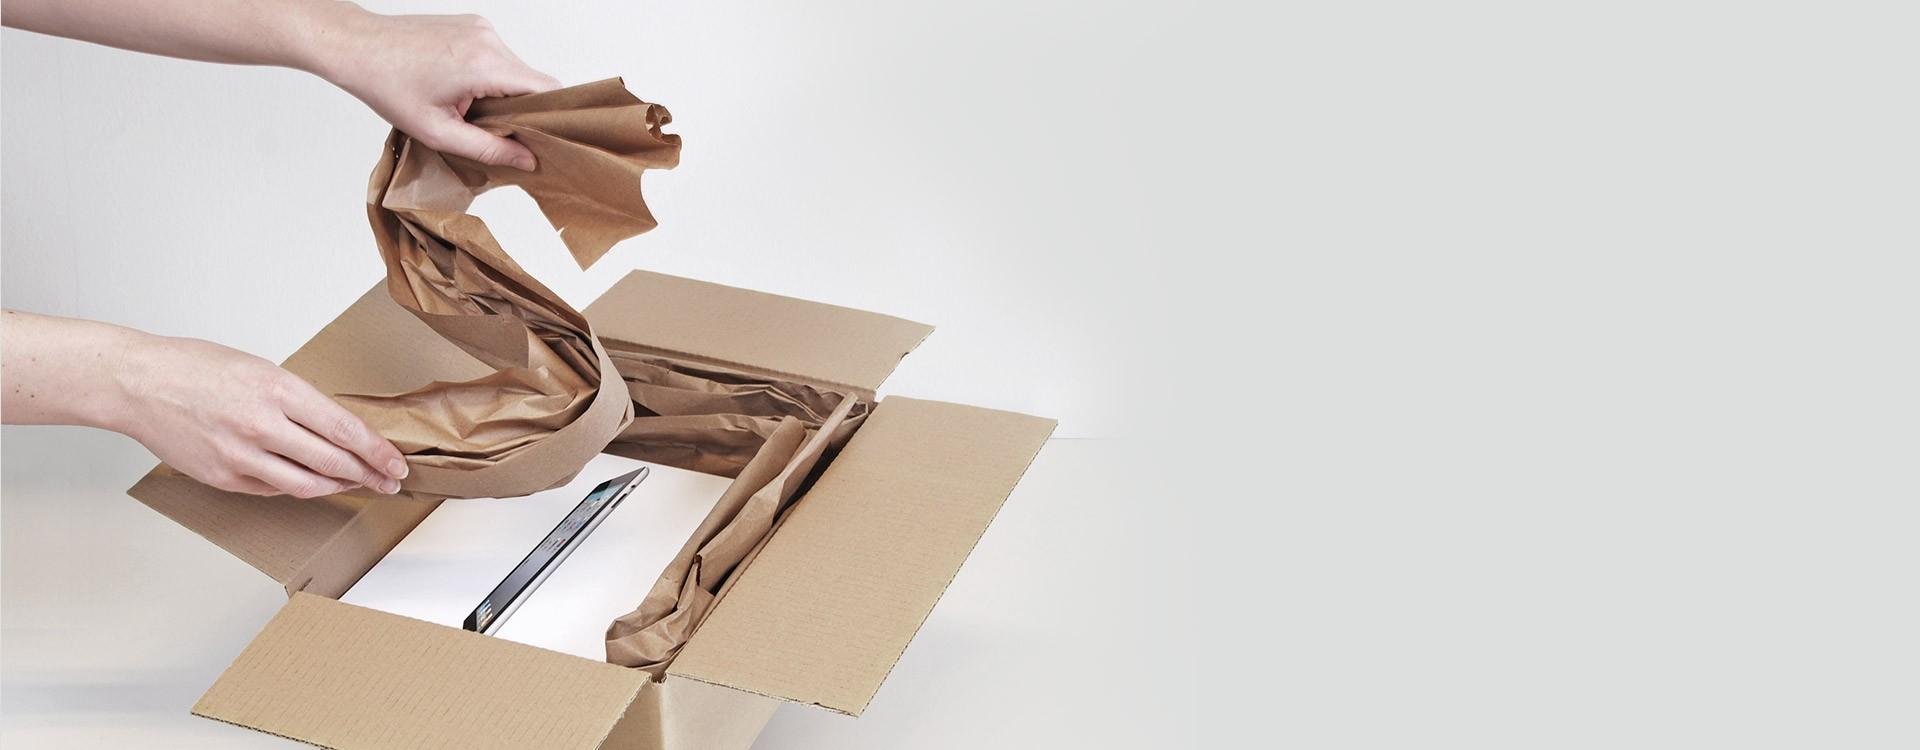 pakowanie paczek